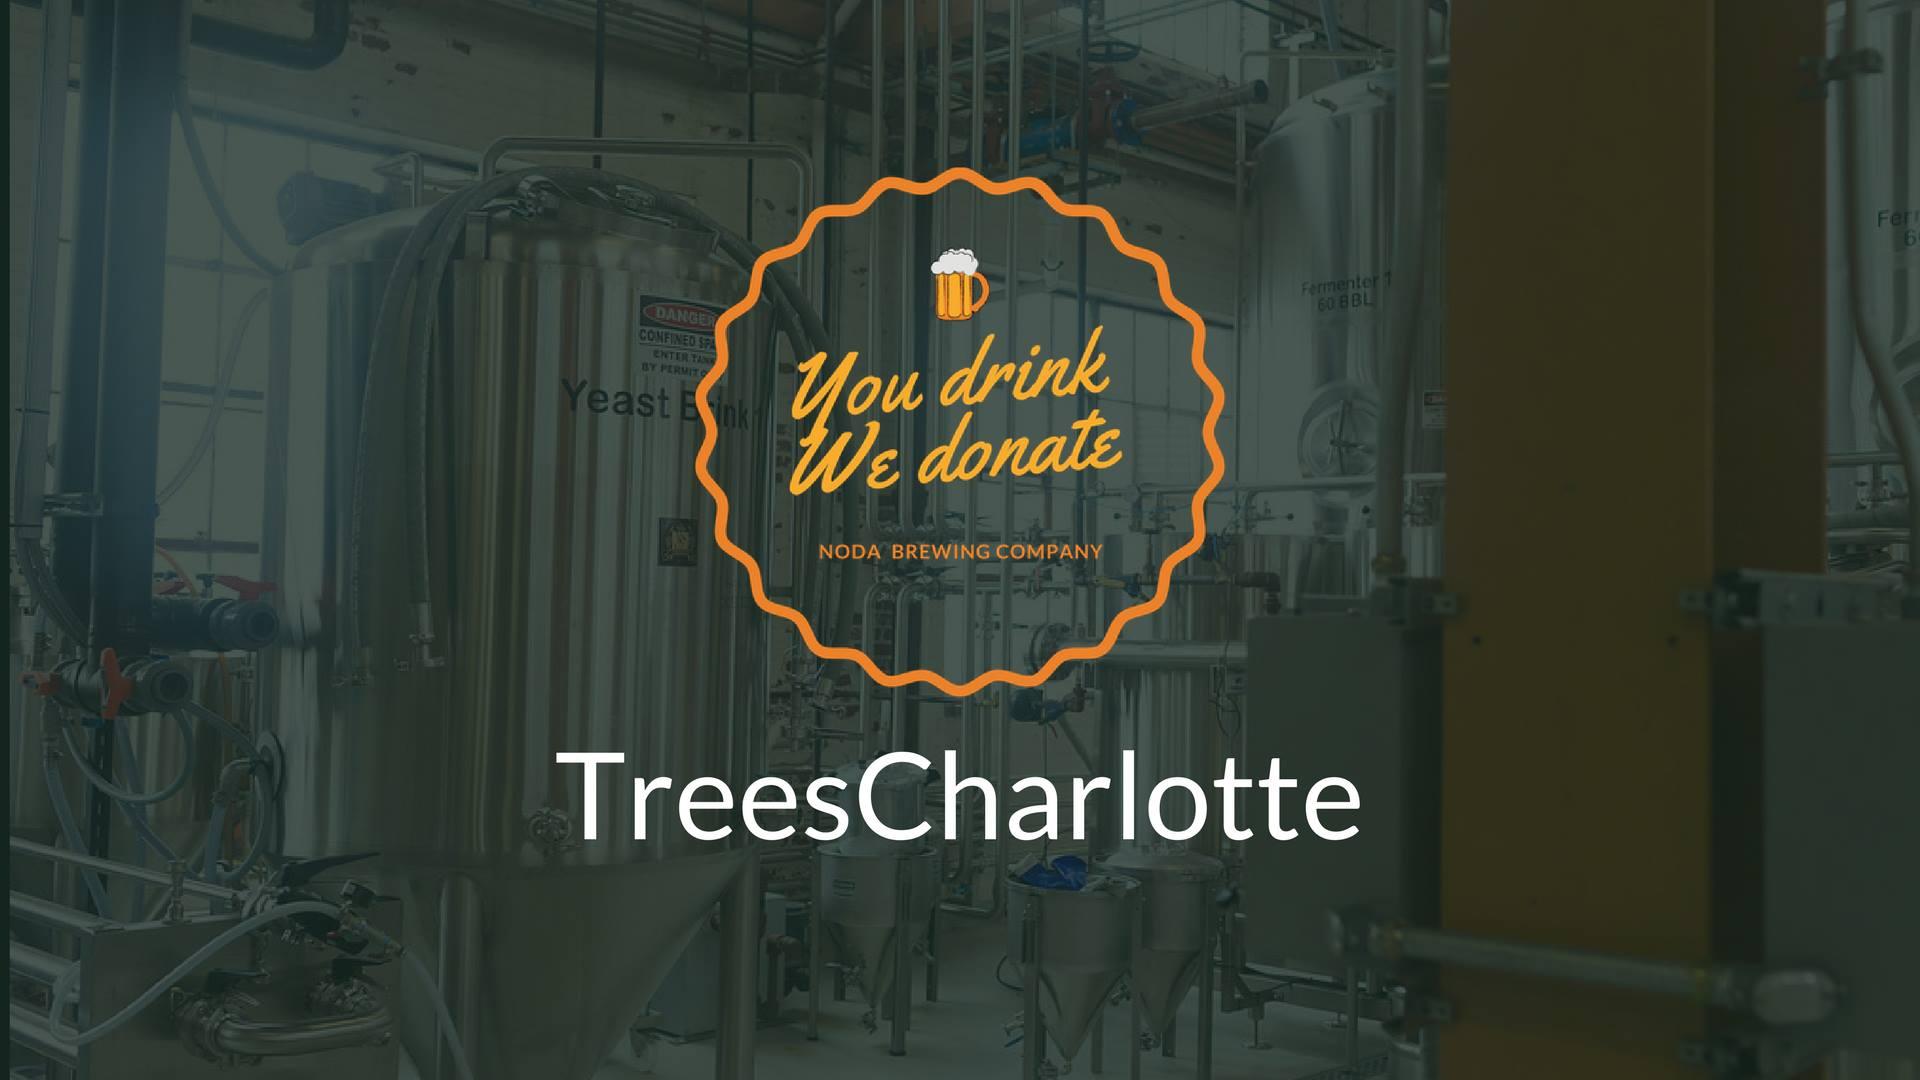 TreesCharlotte-Noda-Event